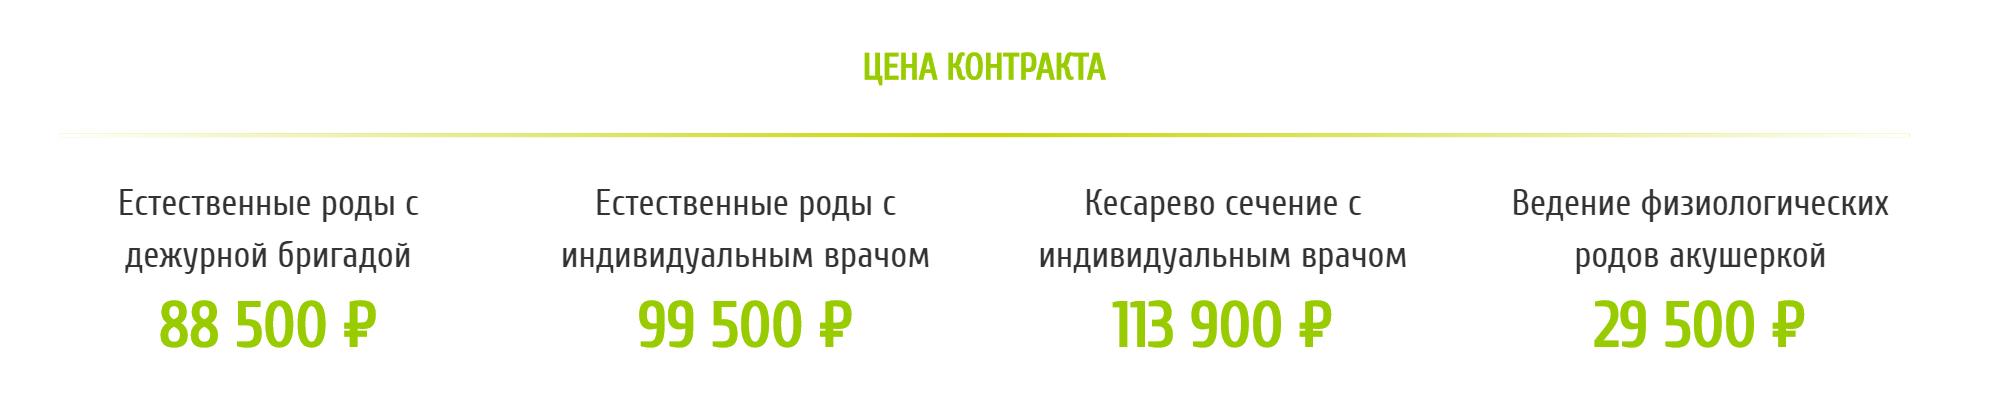 В роддоме при ГКБ № 67 роды с дежурной бригадой на 11 000<span class=ruble>Р</span> дешевле, чем с персональным врачом. А за личную акушерку придется доплатить 29 500<span class=ruble>Р</span>